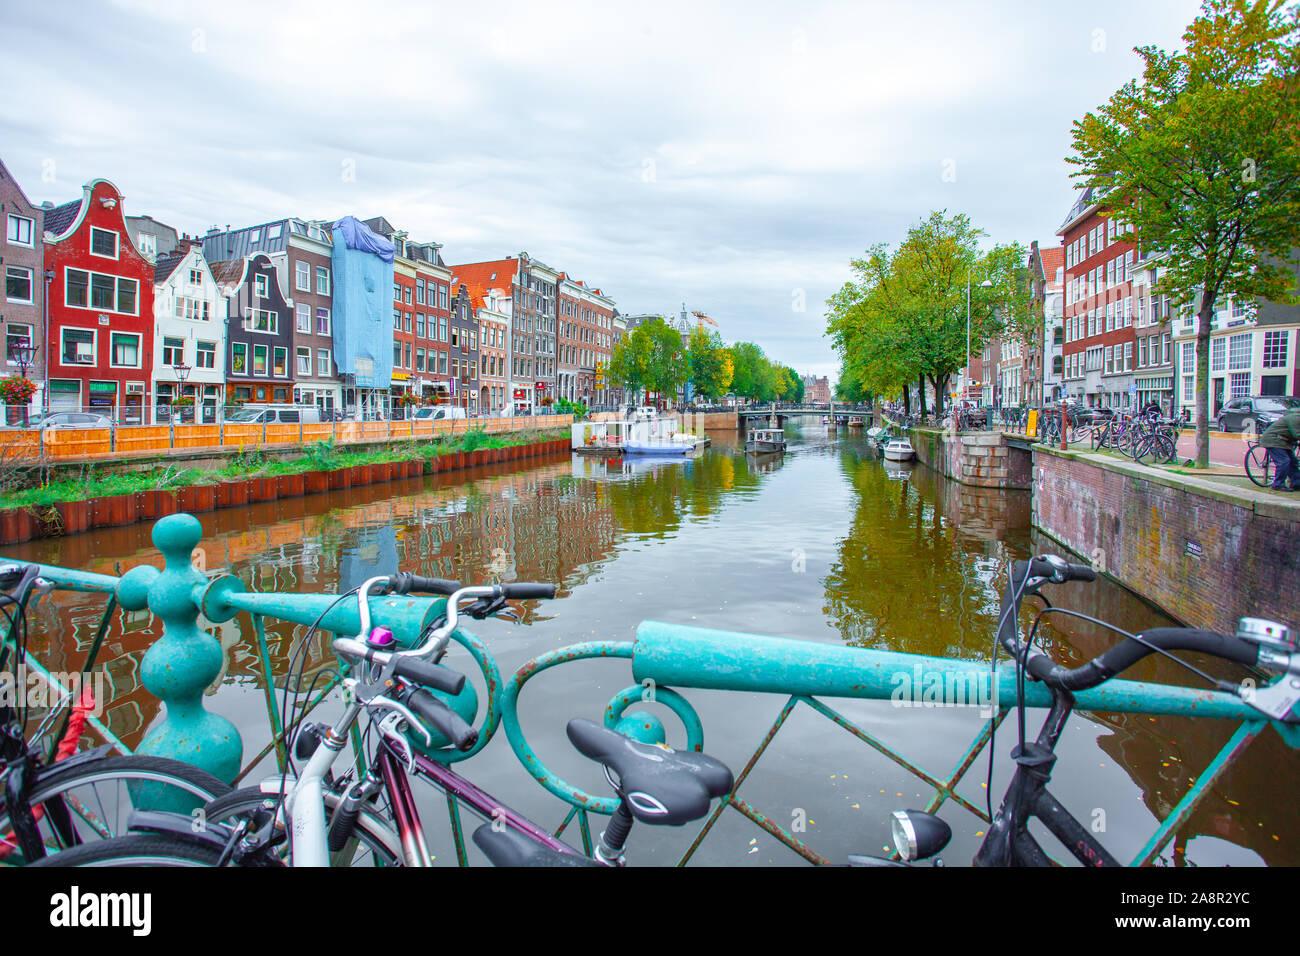 Amsterdam, Nethertlands - 14.10.2019: Des vélos sur un pont sur les canaux d'Amsterdam. Maisons colorées et de fleurs. De l'automne. Les voyages. Banque D'Images